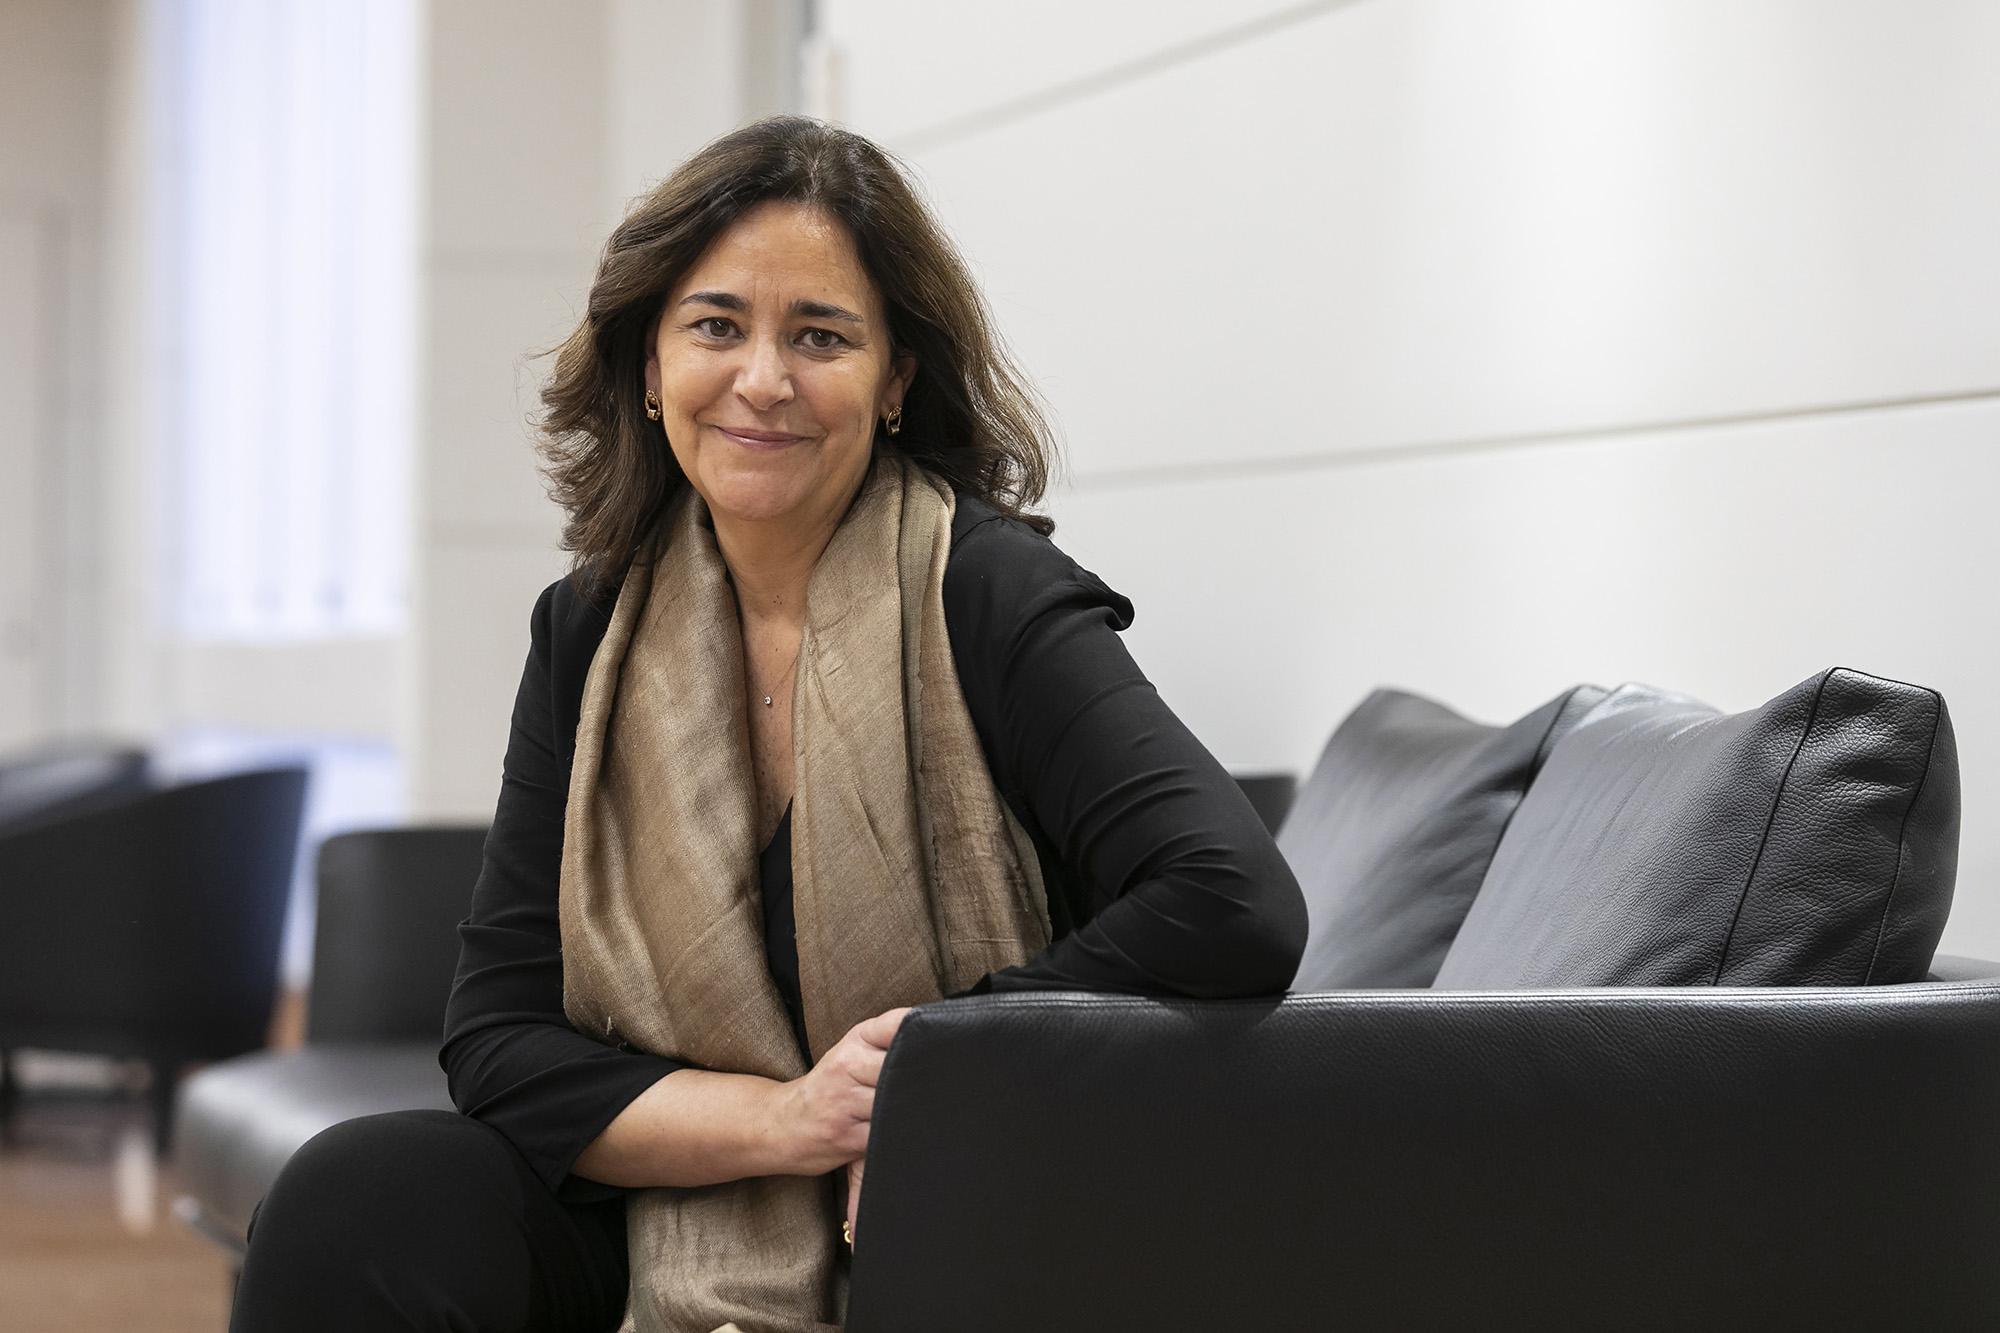 Joana Queiróz Ribeiro DRH Fidelidade